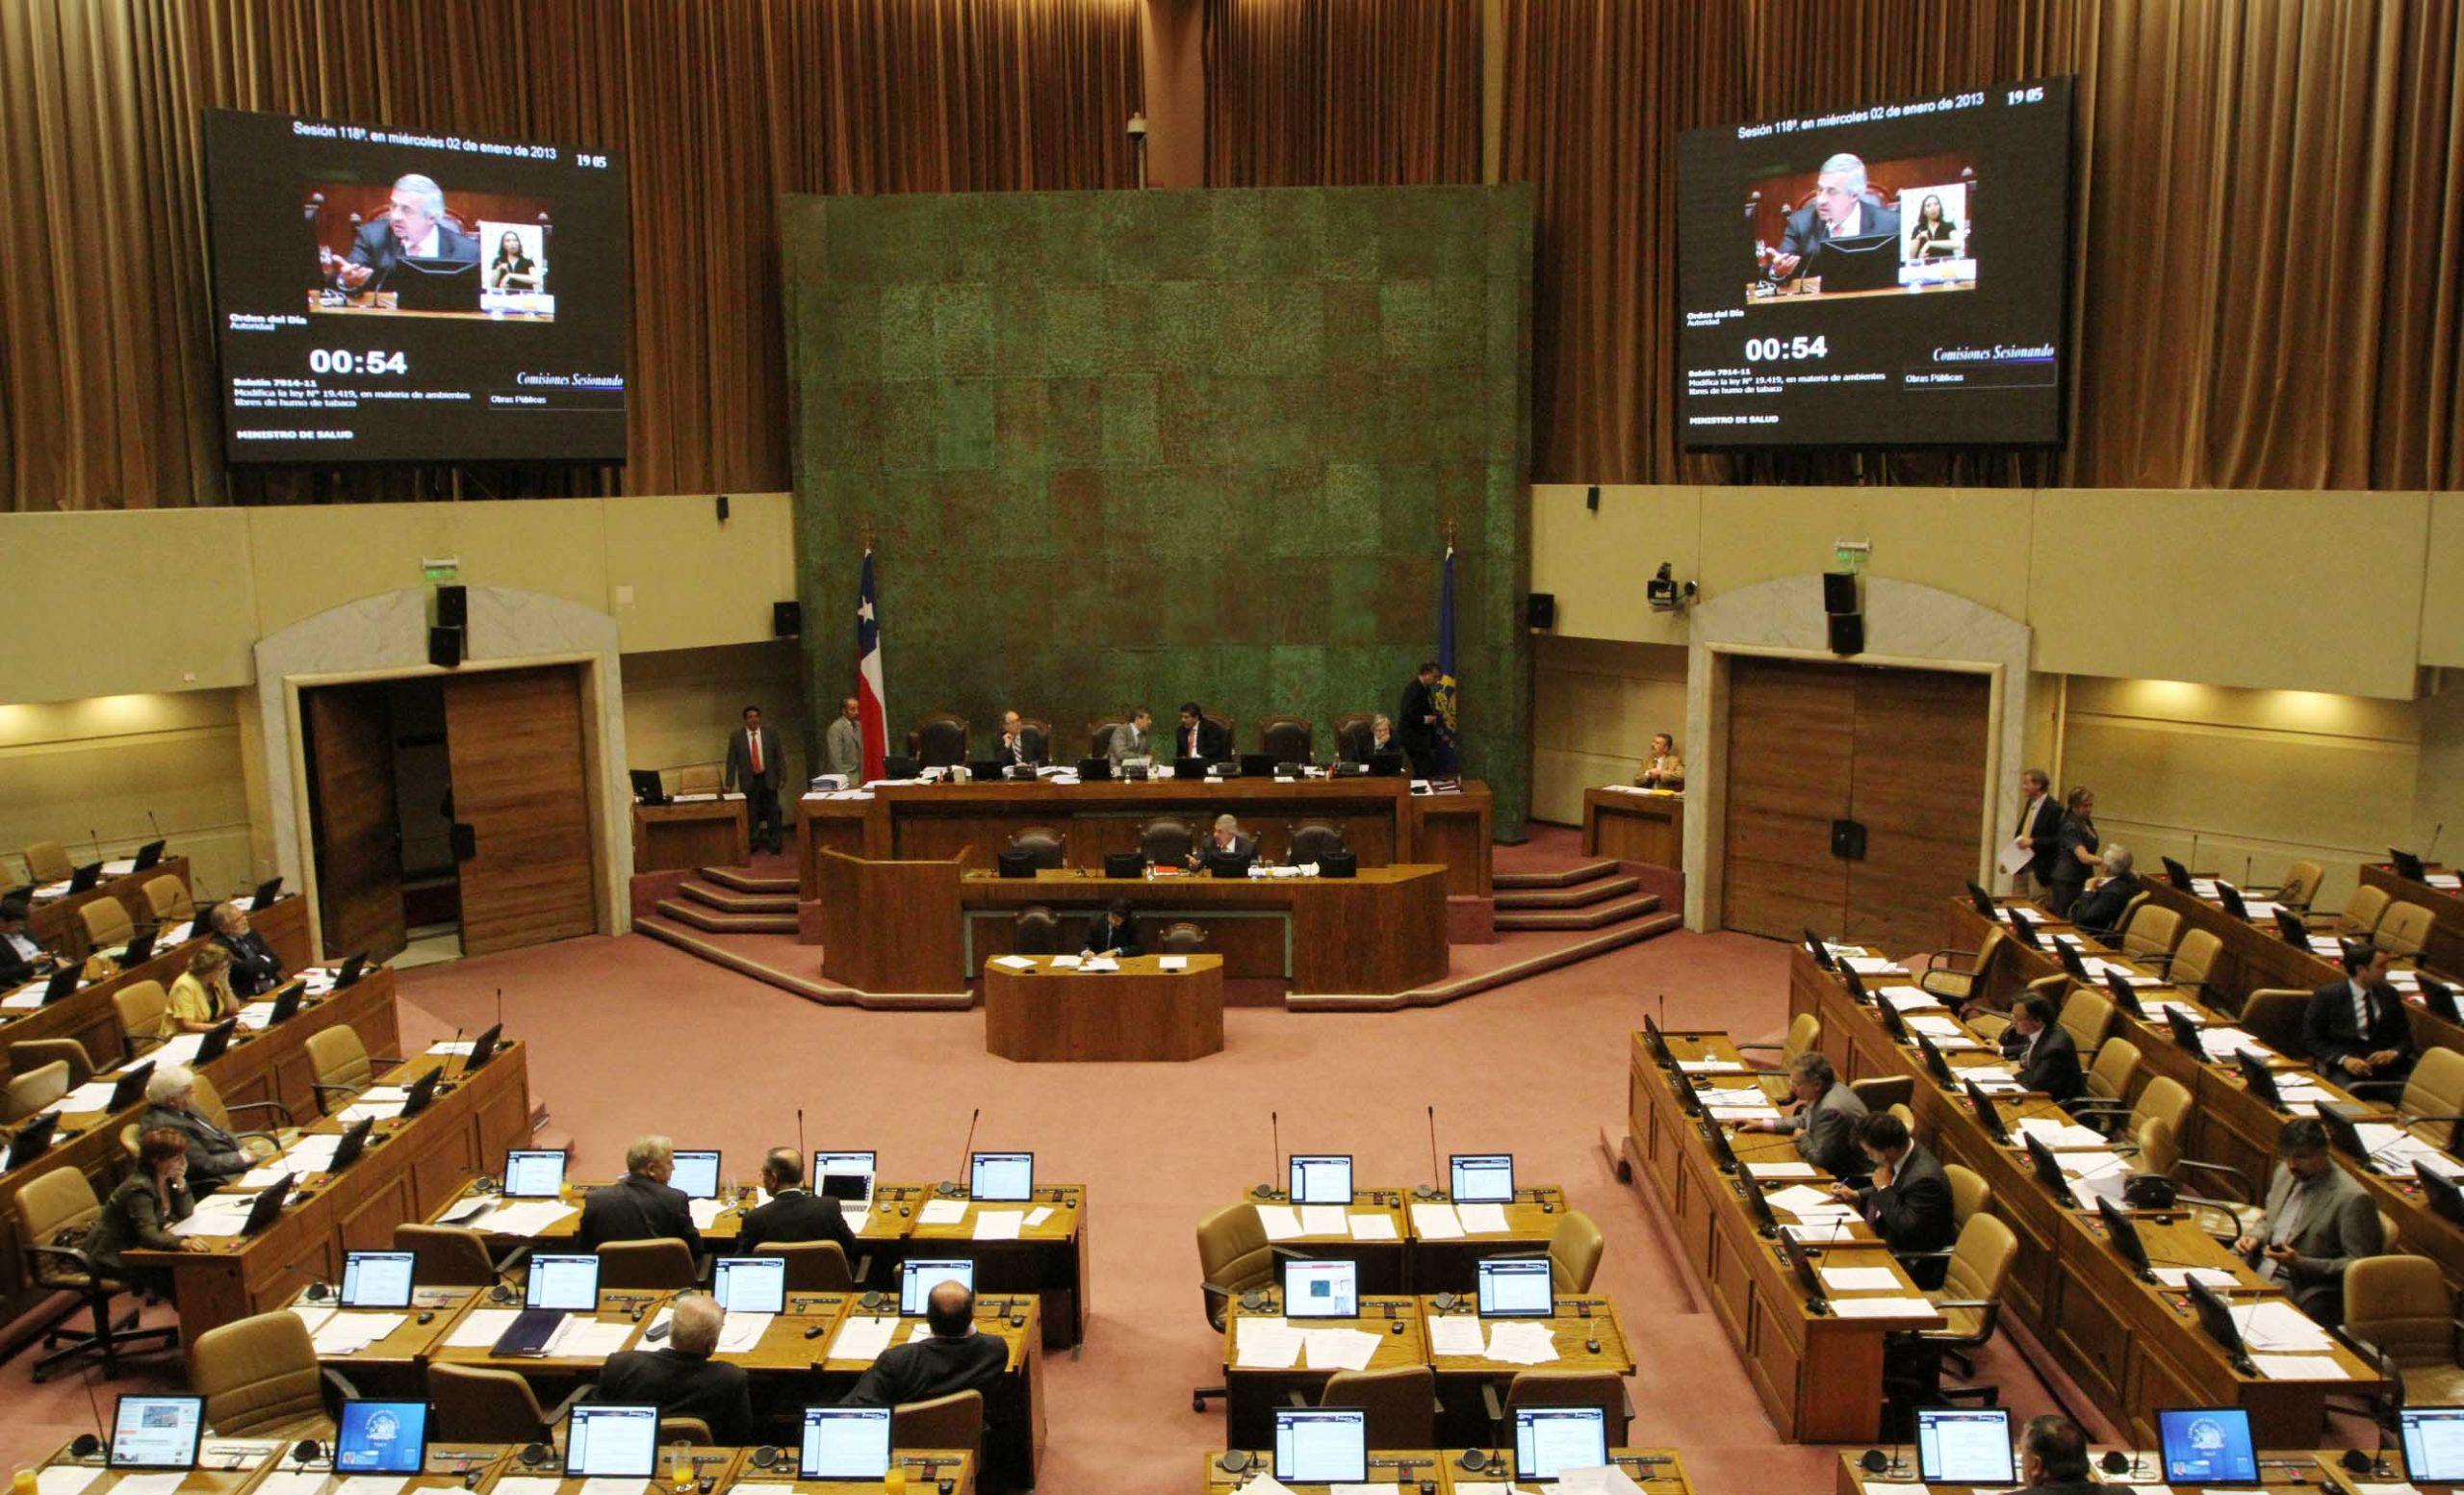 Cyberataque a la Cámara de Diputados